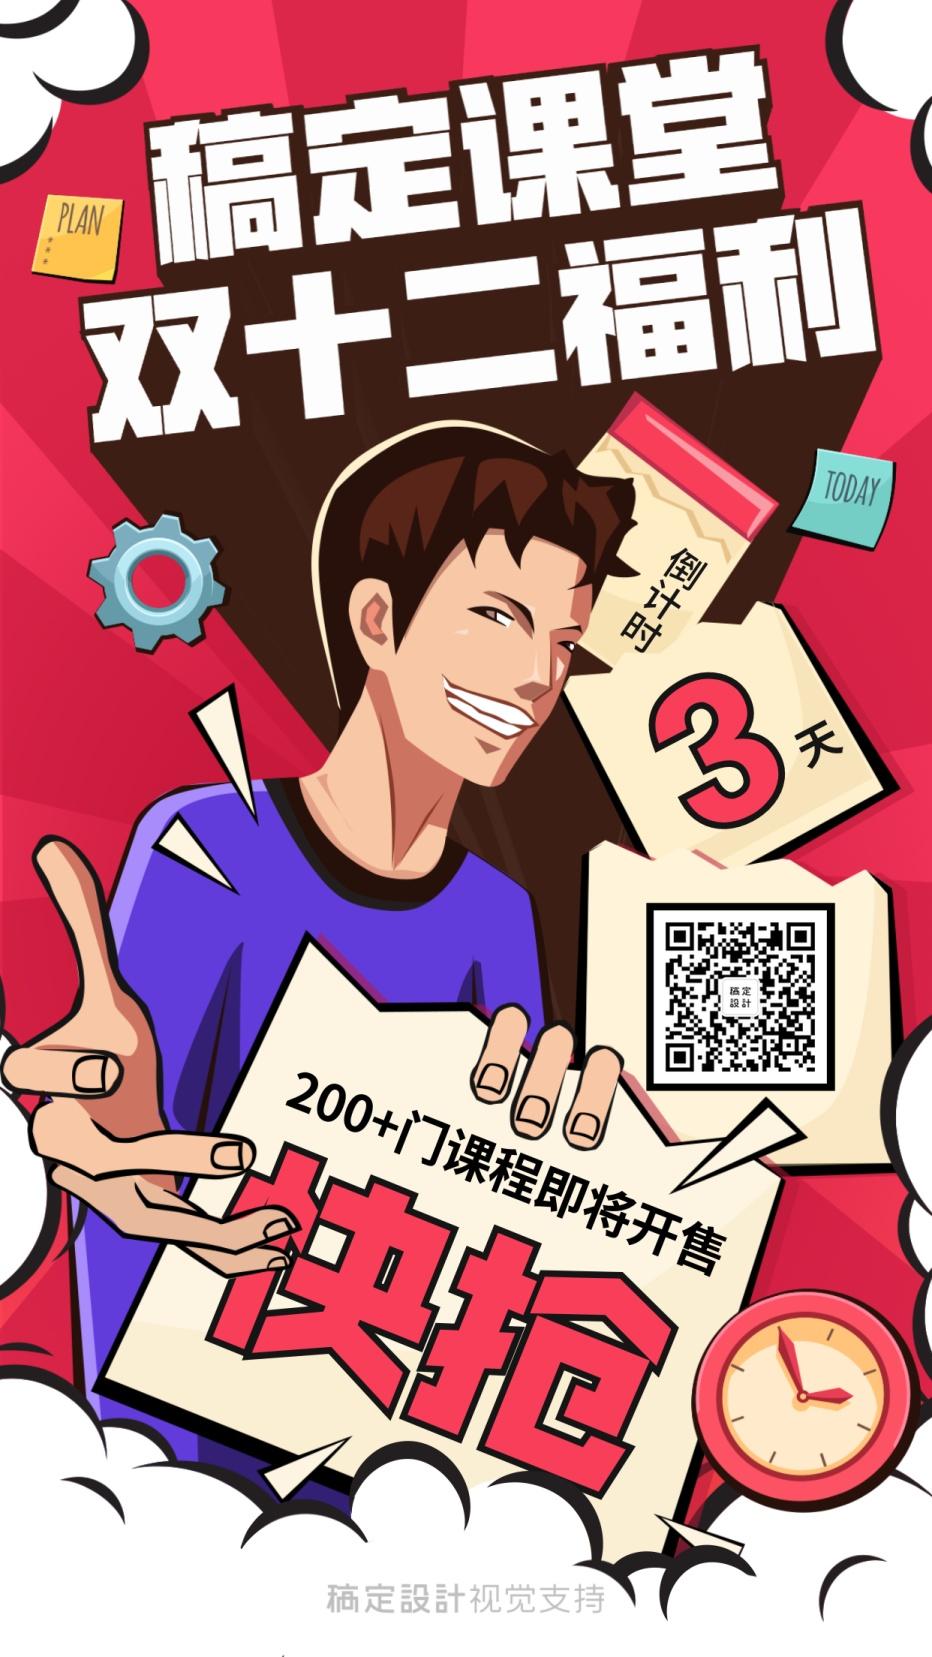 双十二/双12/倒计时/3D字体/课程